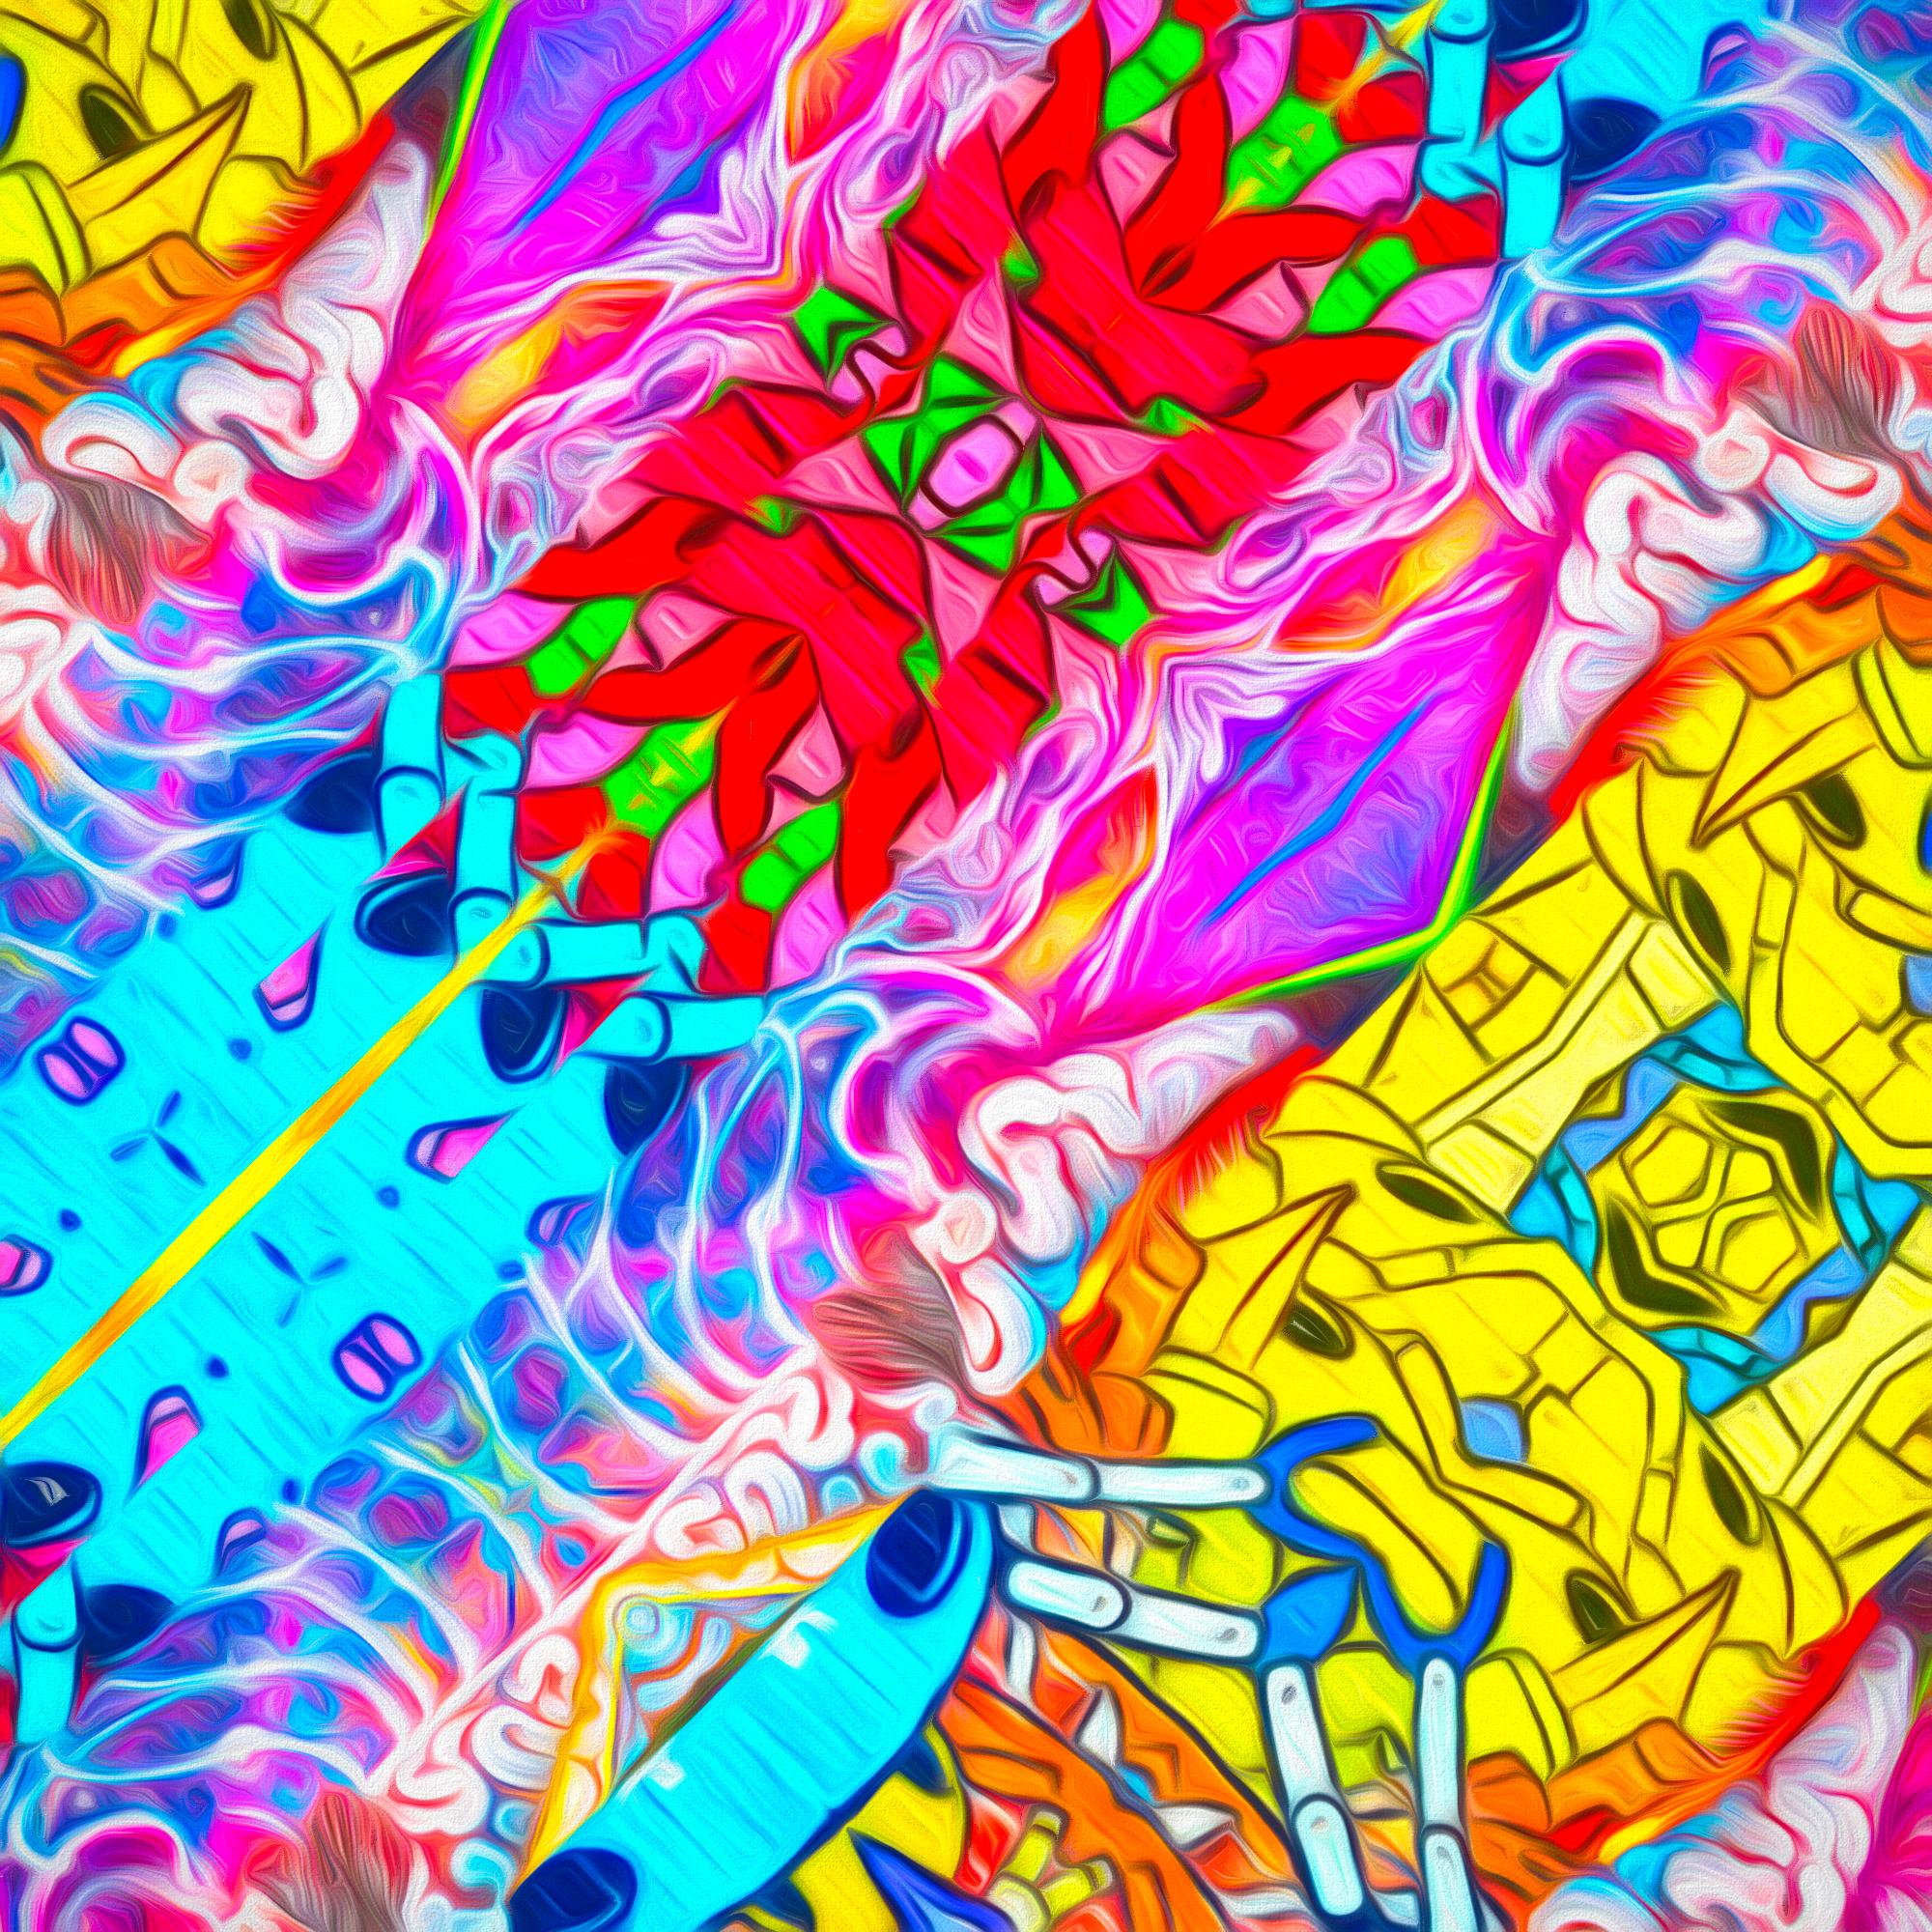 【無料背景画像】カートゥーンポップ&カラフルコミックス壁紙:柔らかソフト